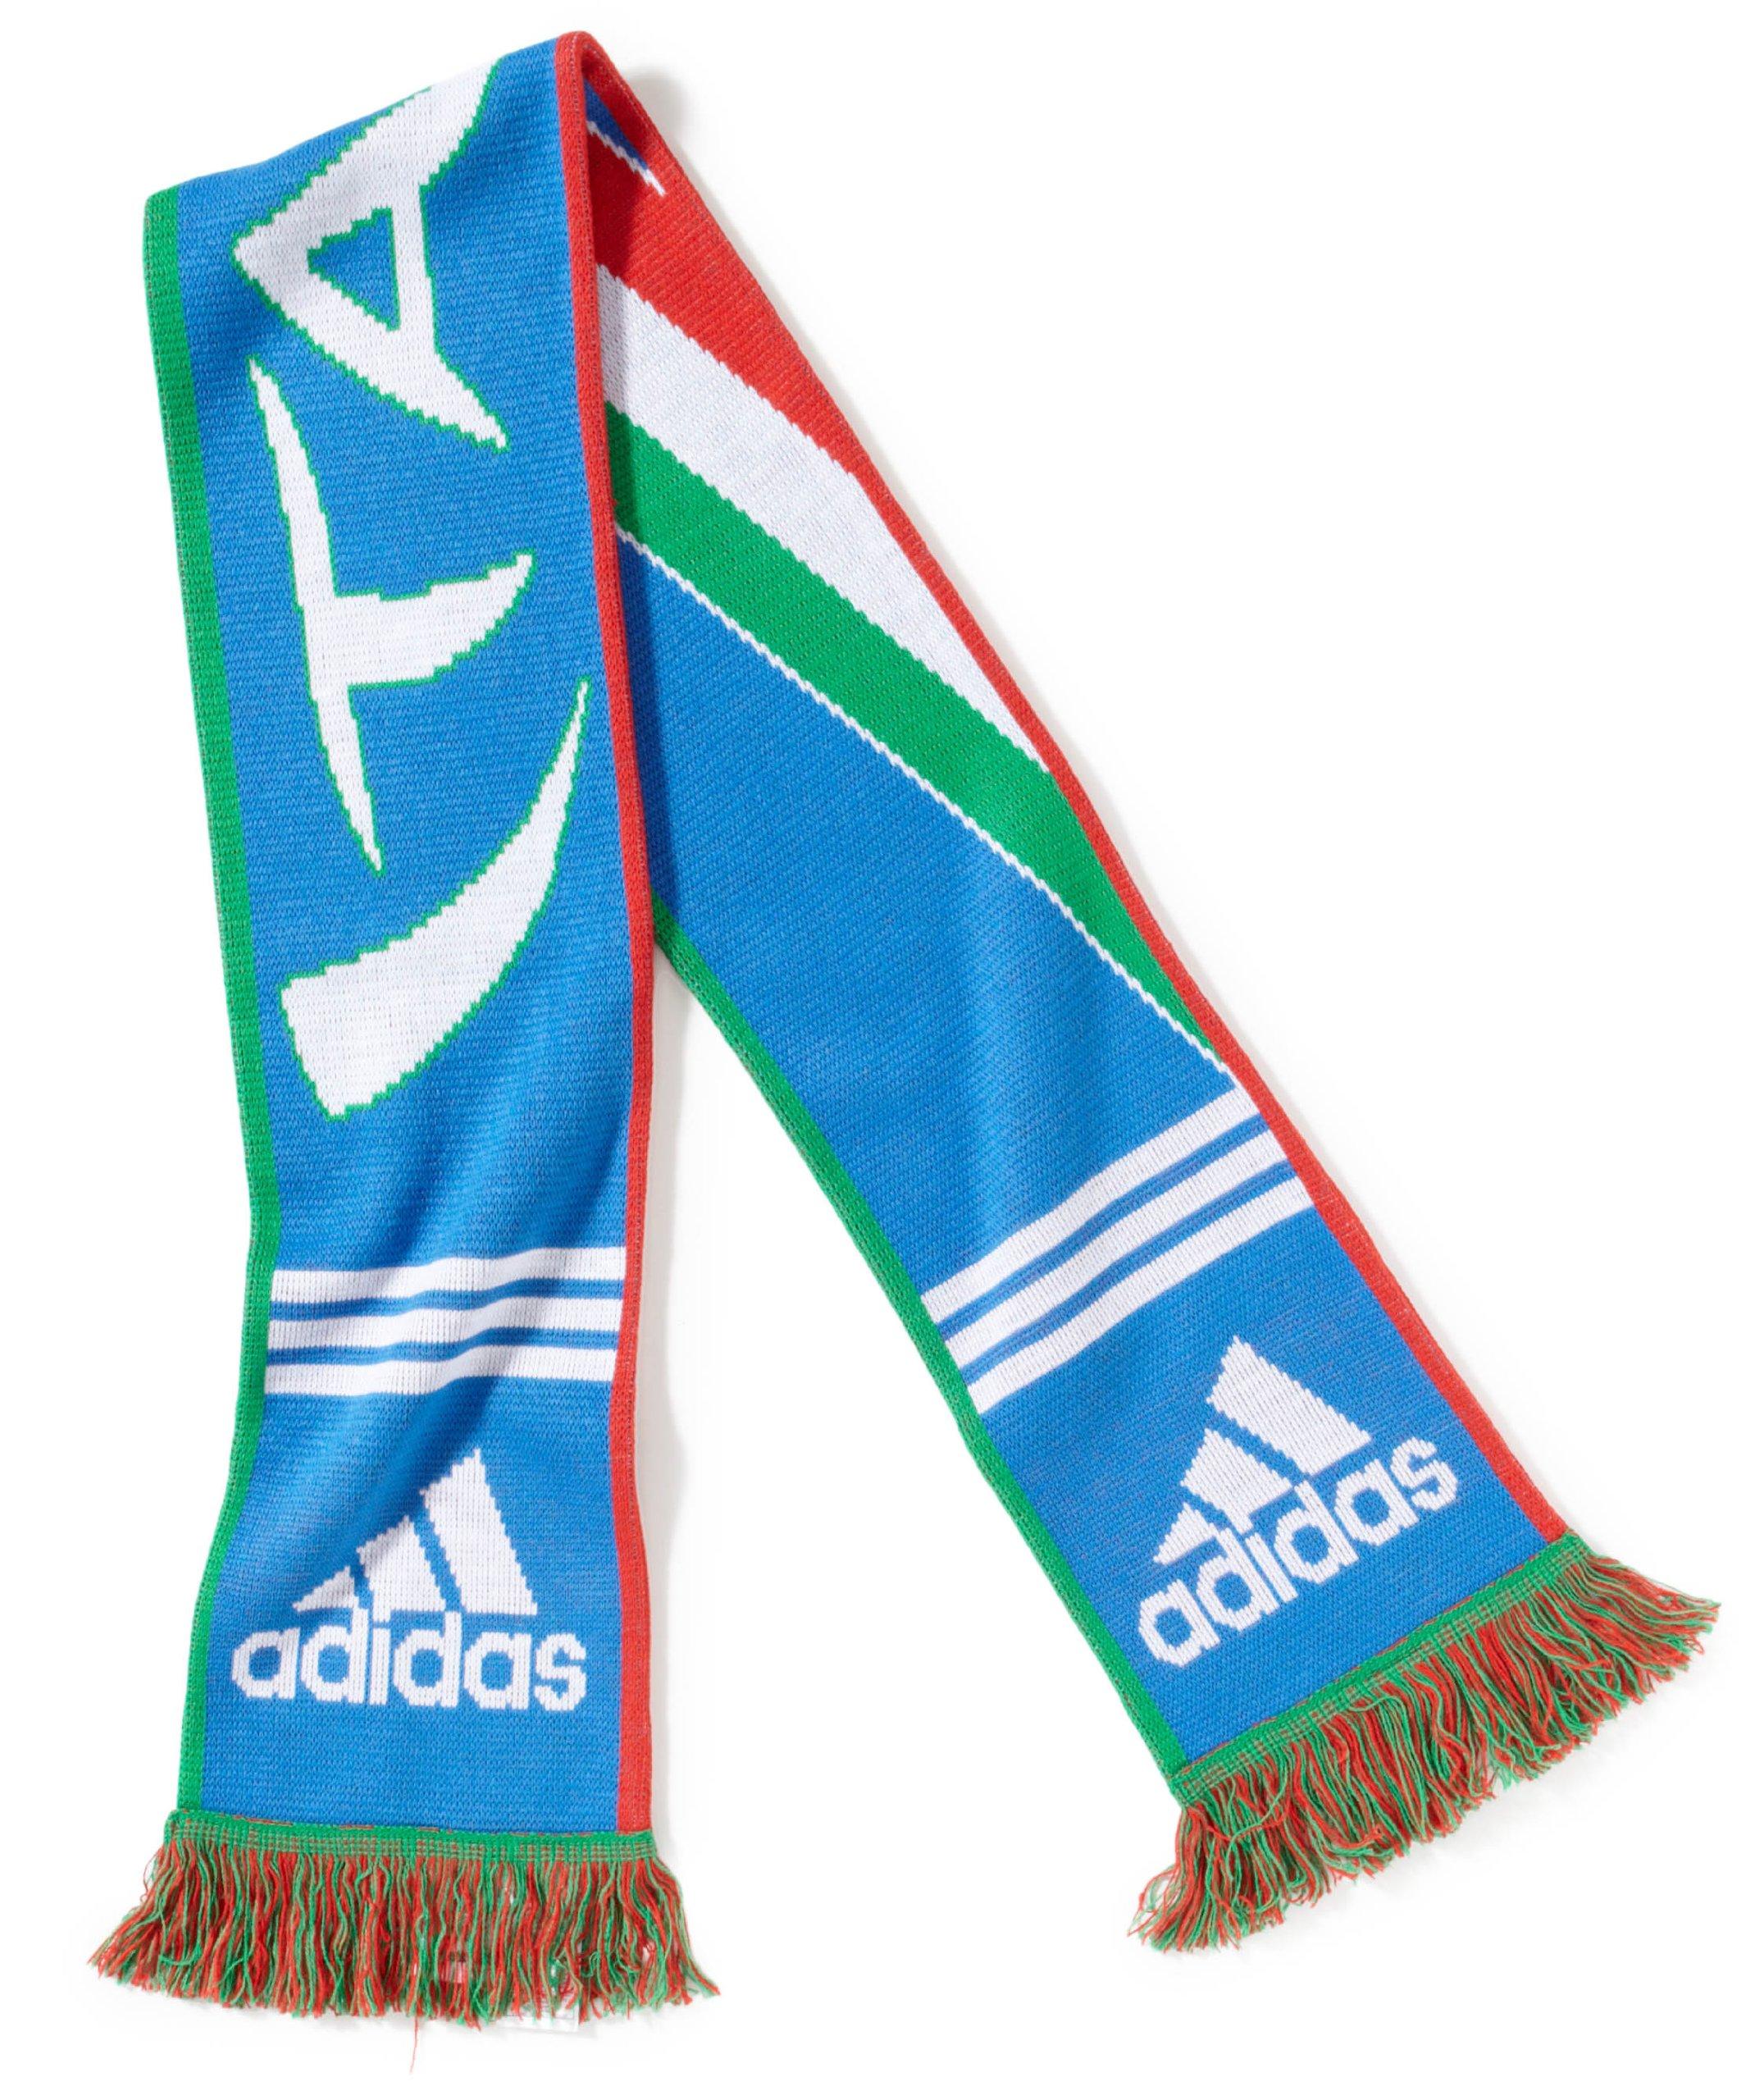 adidas X33597 - Sciarpa CF Italia, misura unica, colore: Blu aereo/Bianco/Rosso